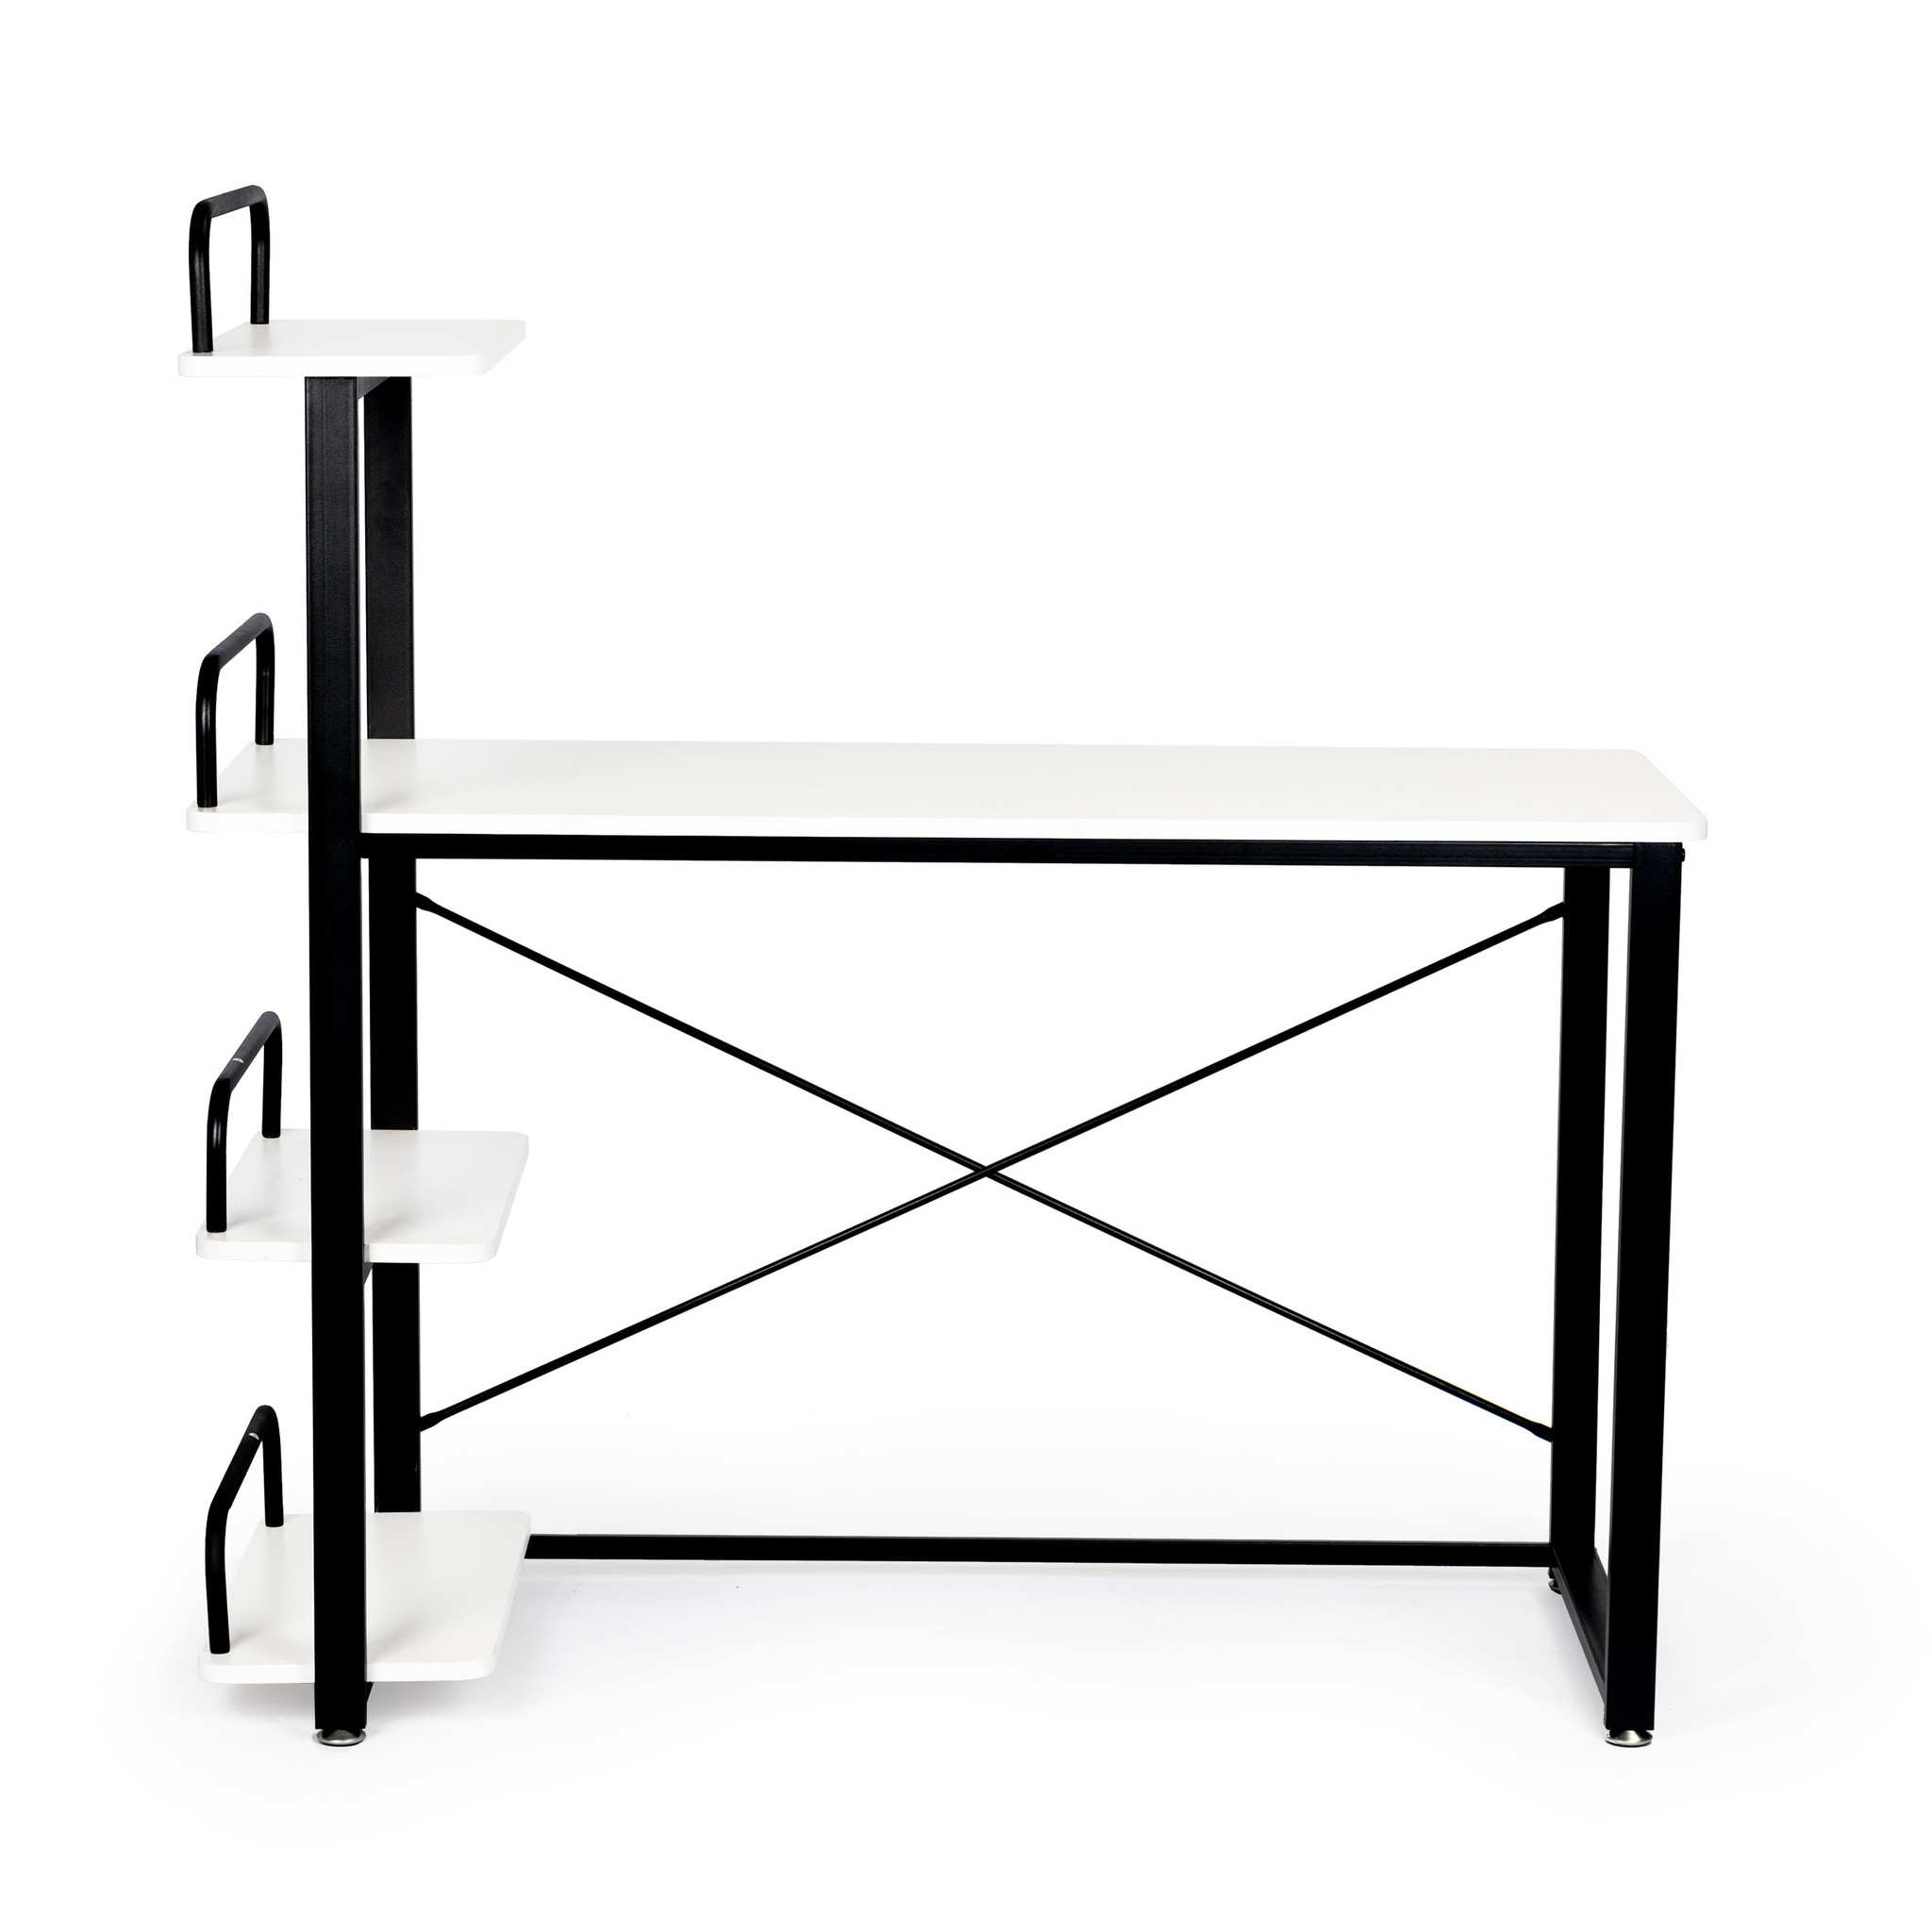 Viking Choice Bureautafel met boekenschappen - zwart met wit - 120 x 50 cm